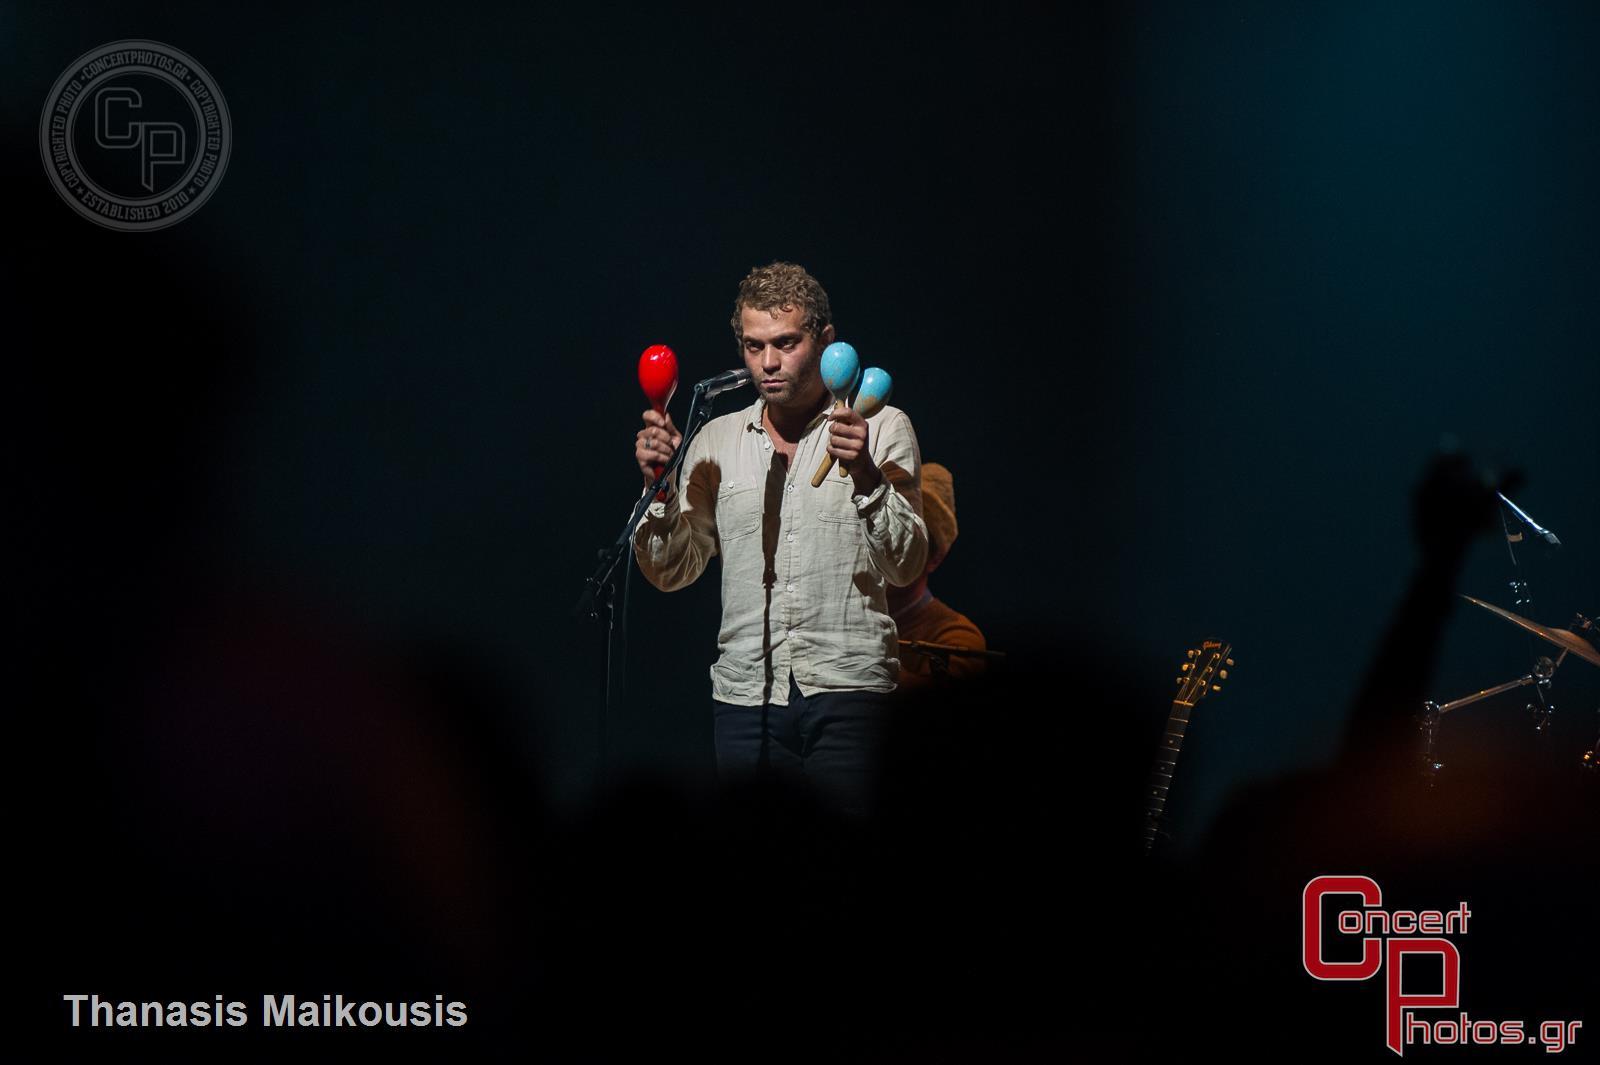 Allah Las & My Drunken Haze -Allah Las My Drunken Haze  photographer: Thanasis Maikousis - ConcertPhotos - 20141102_0119_51